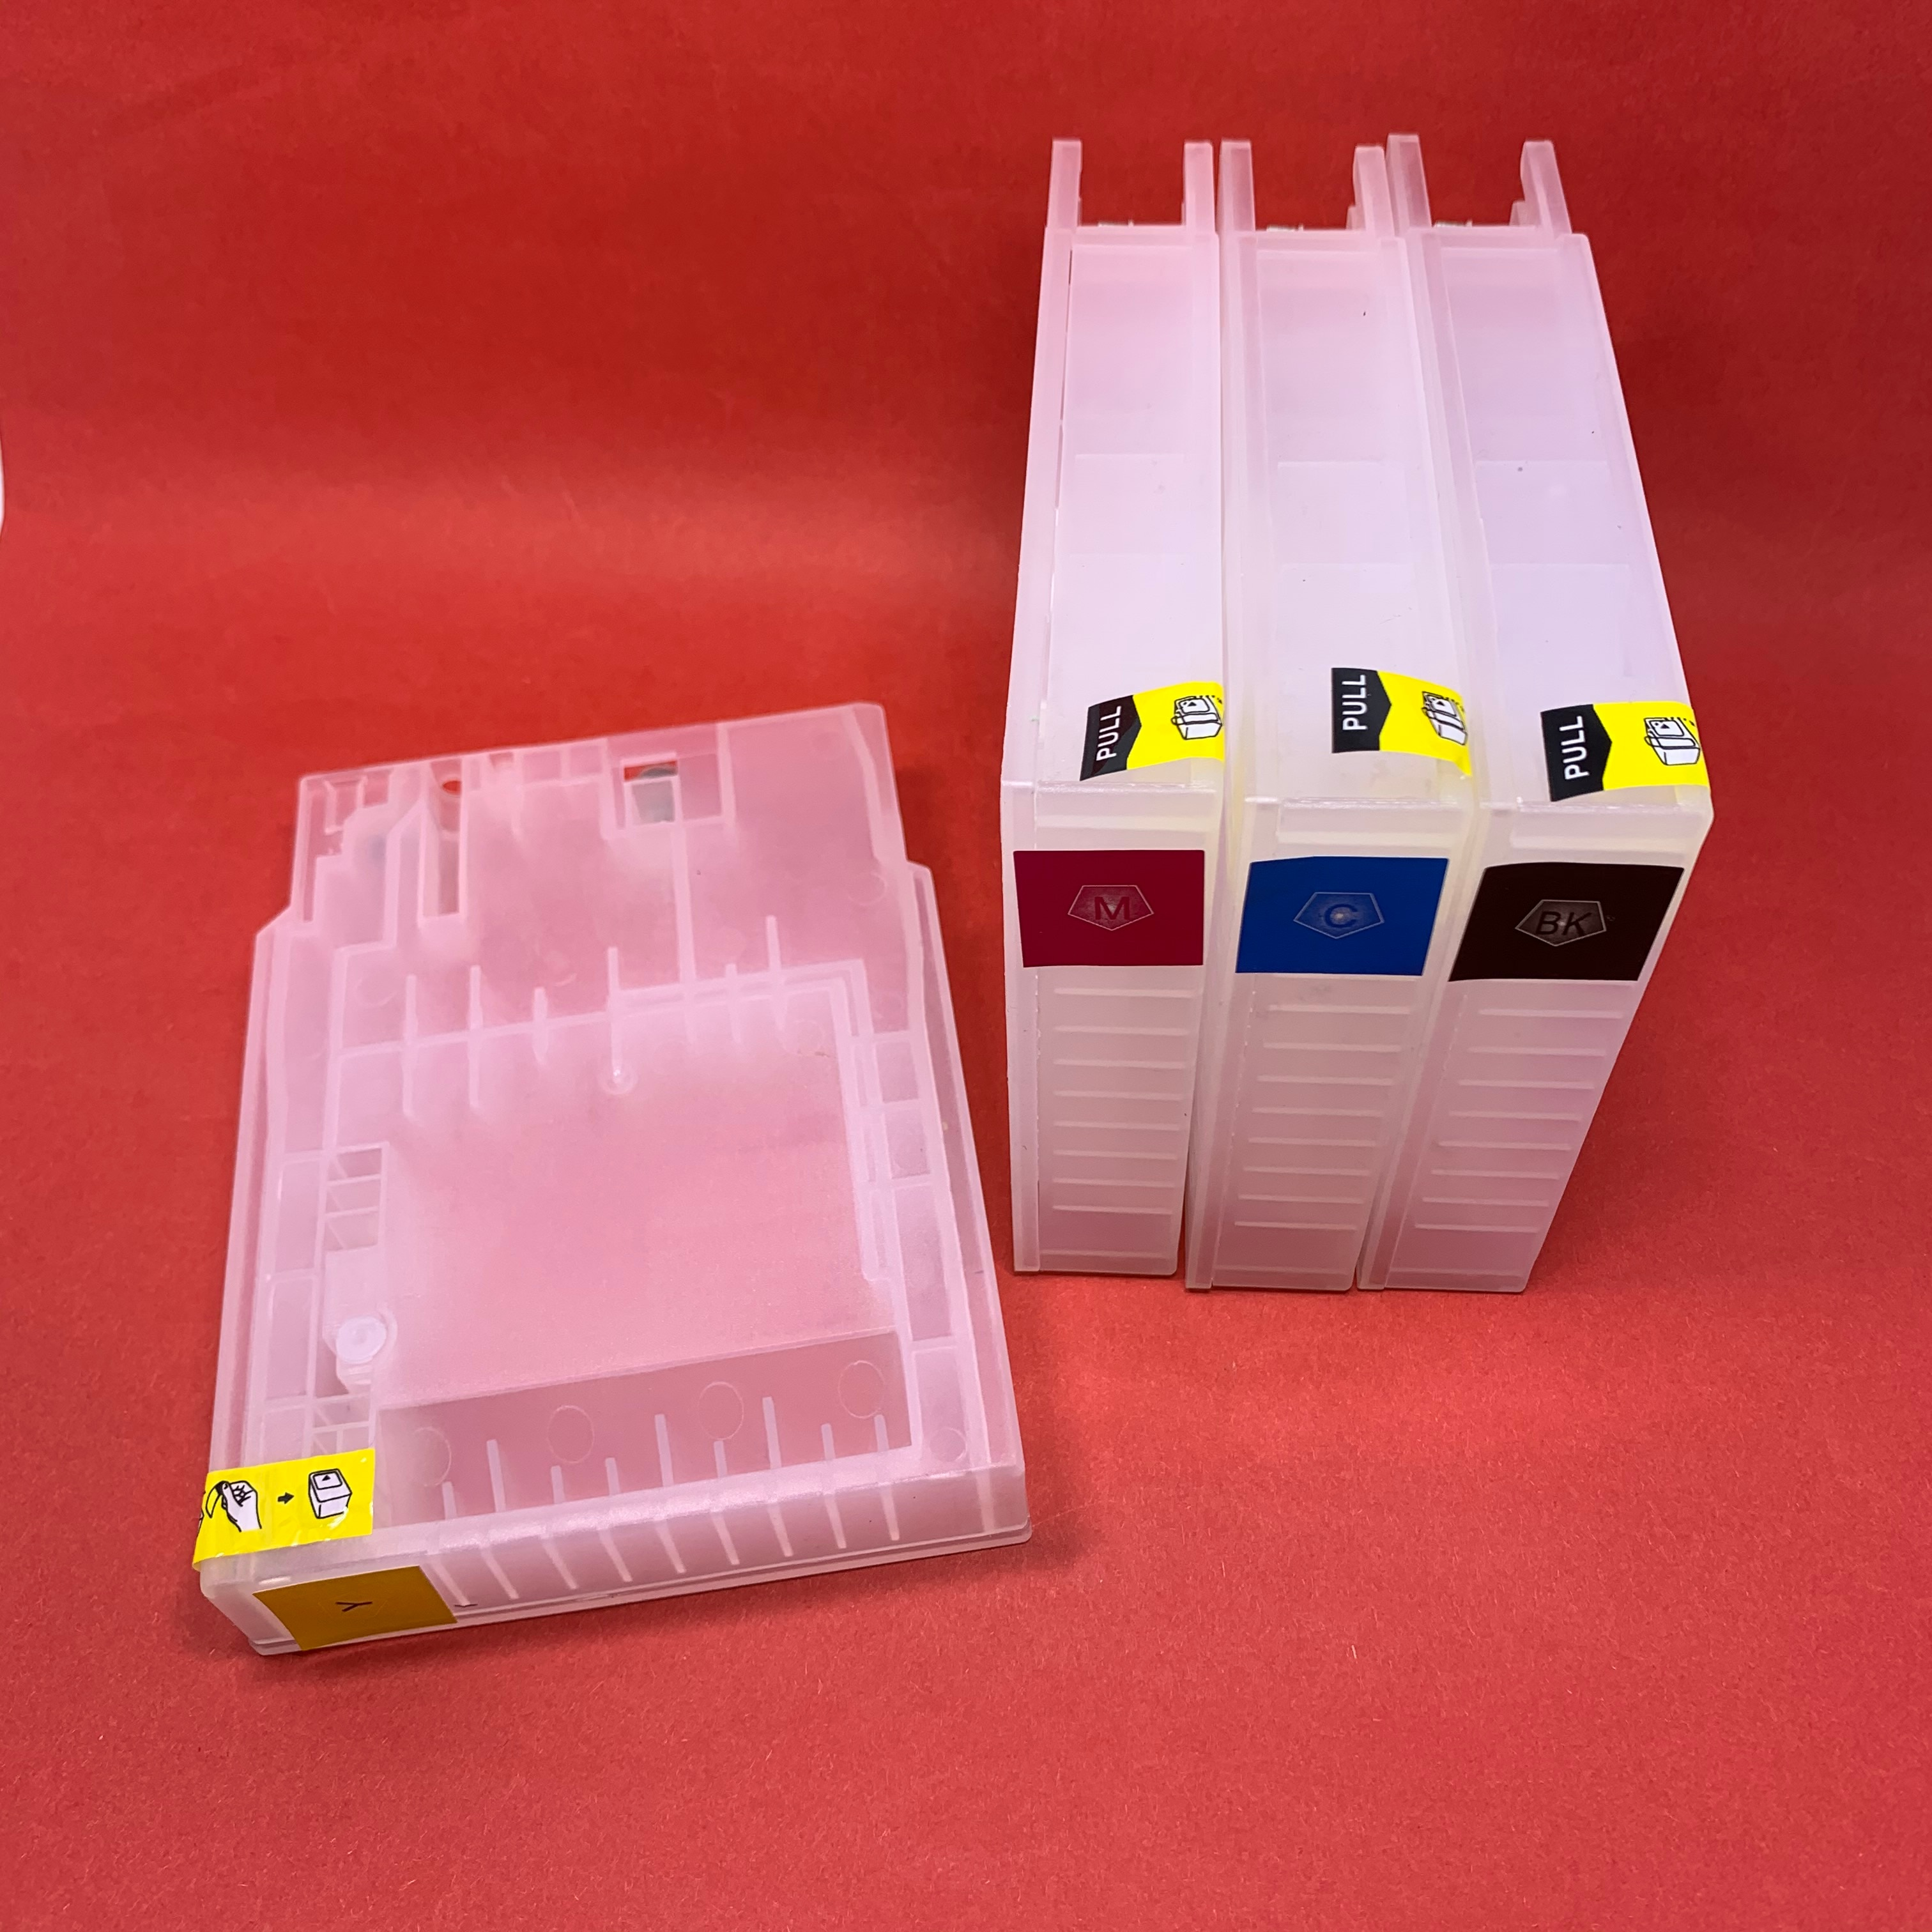 yotat-t7551-vacia-cartucho-de-tinta-rellenable-t7551xl-t7554xl-para-epson-pro-wf-8010dw-wf-8090dw-wf-8510dwf-wf-8590dwf